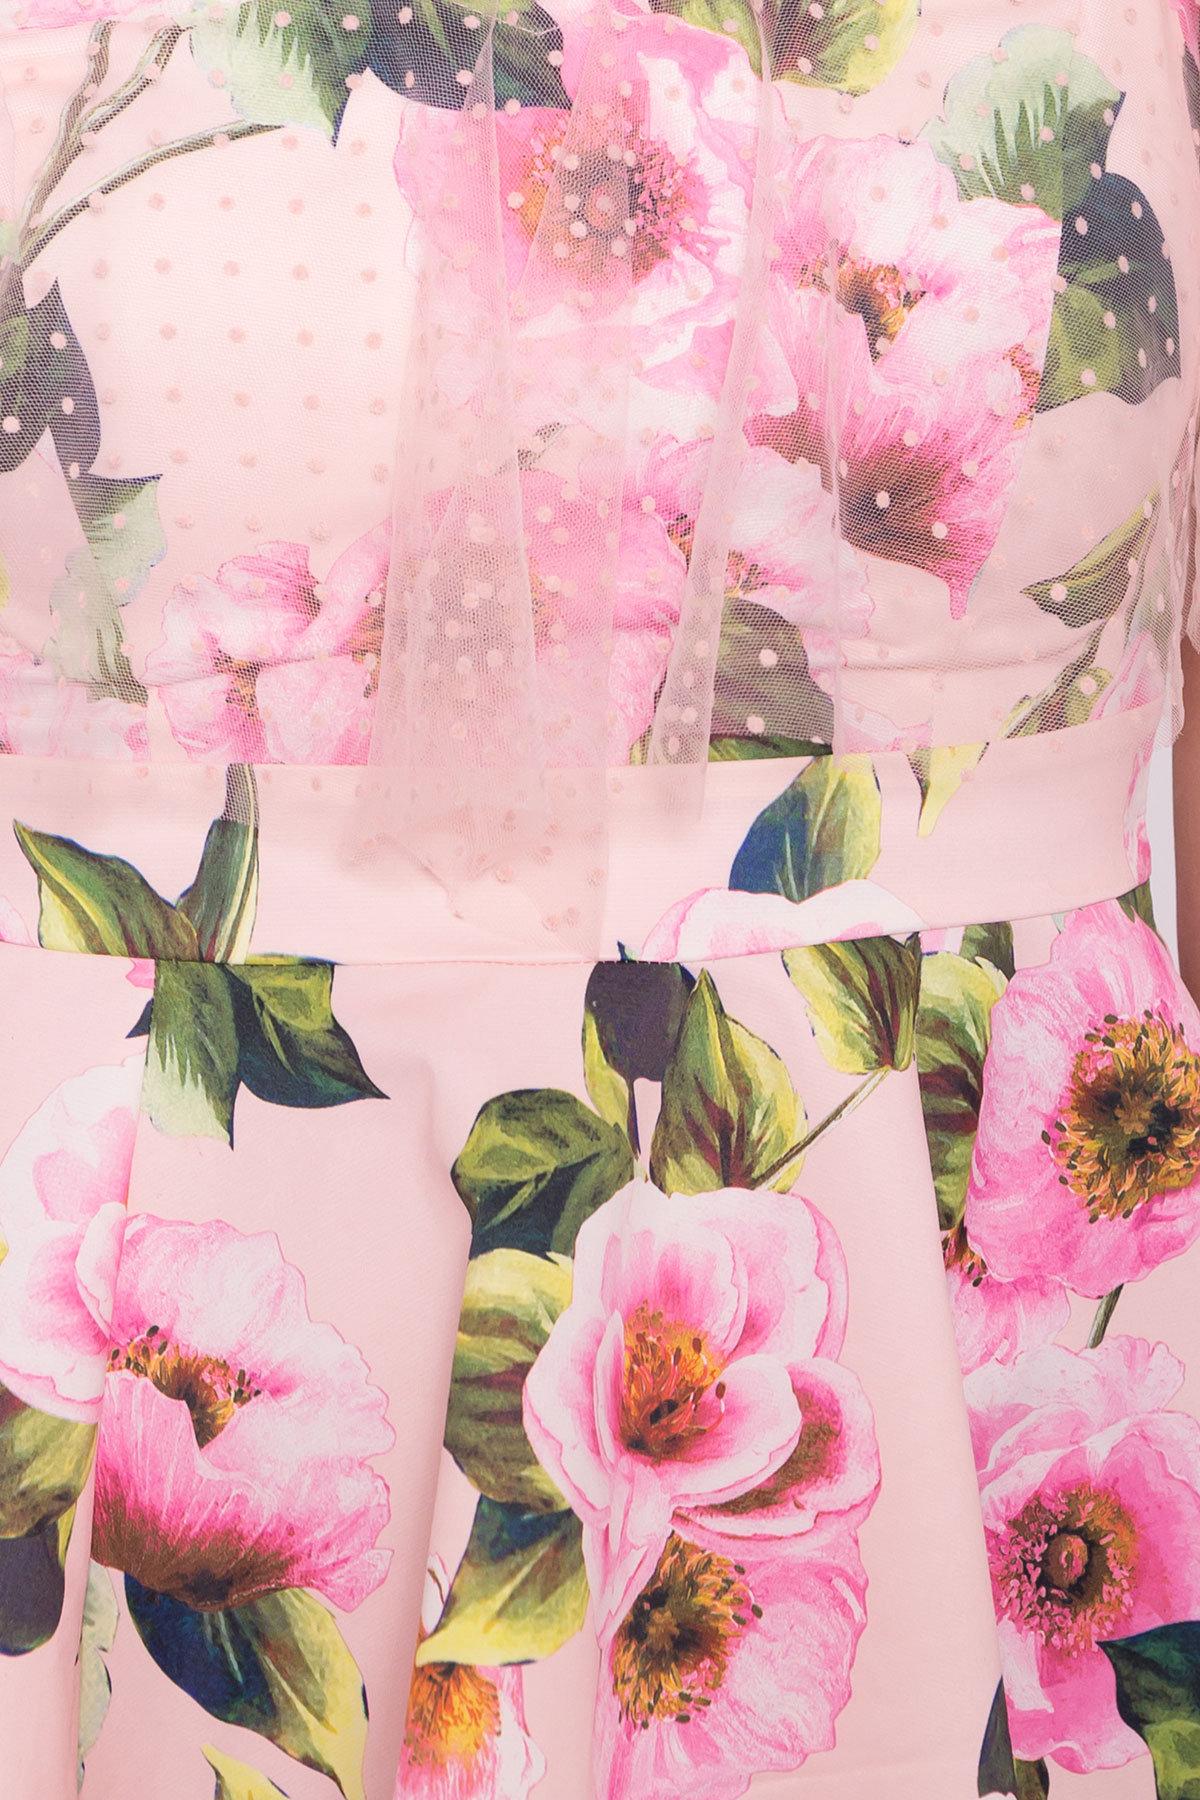 Тори платье из коттона с принтом 7189 АРТ. 42777 Цвет: Цветы пудра/розовый - фото 4, интернет магазин tm-modus.ru